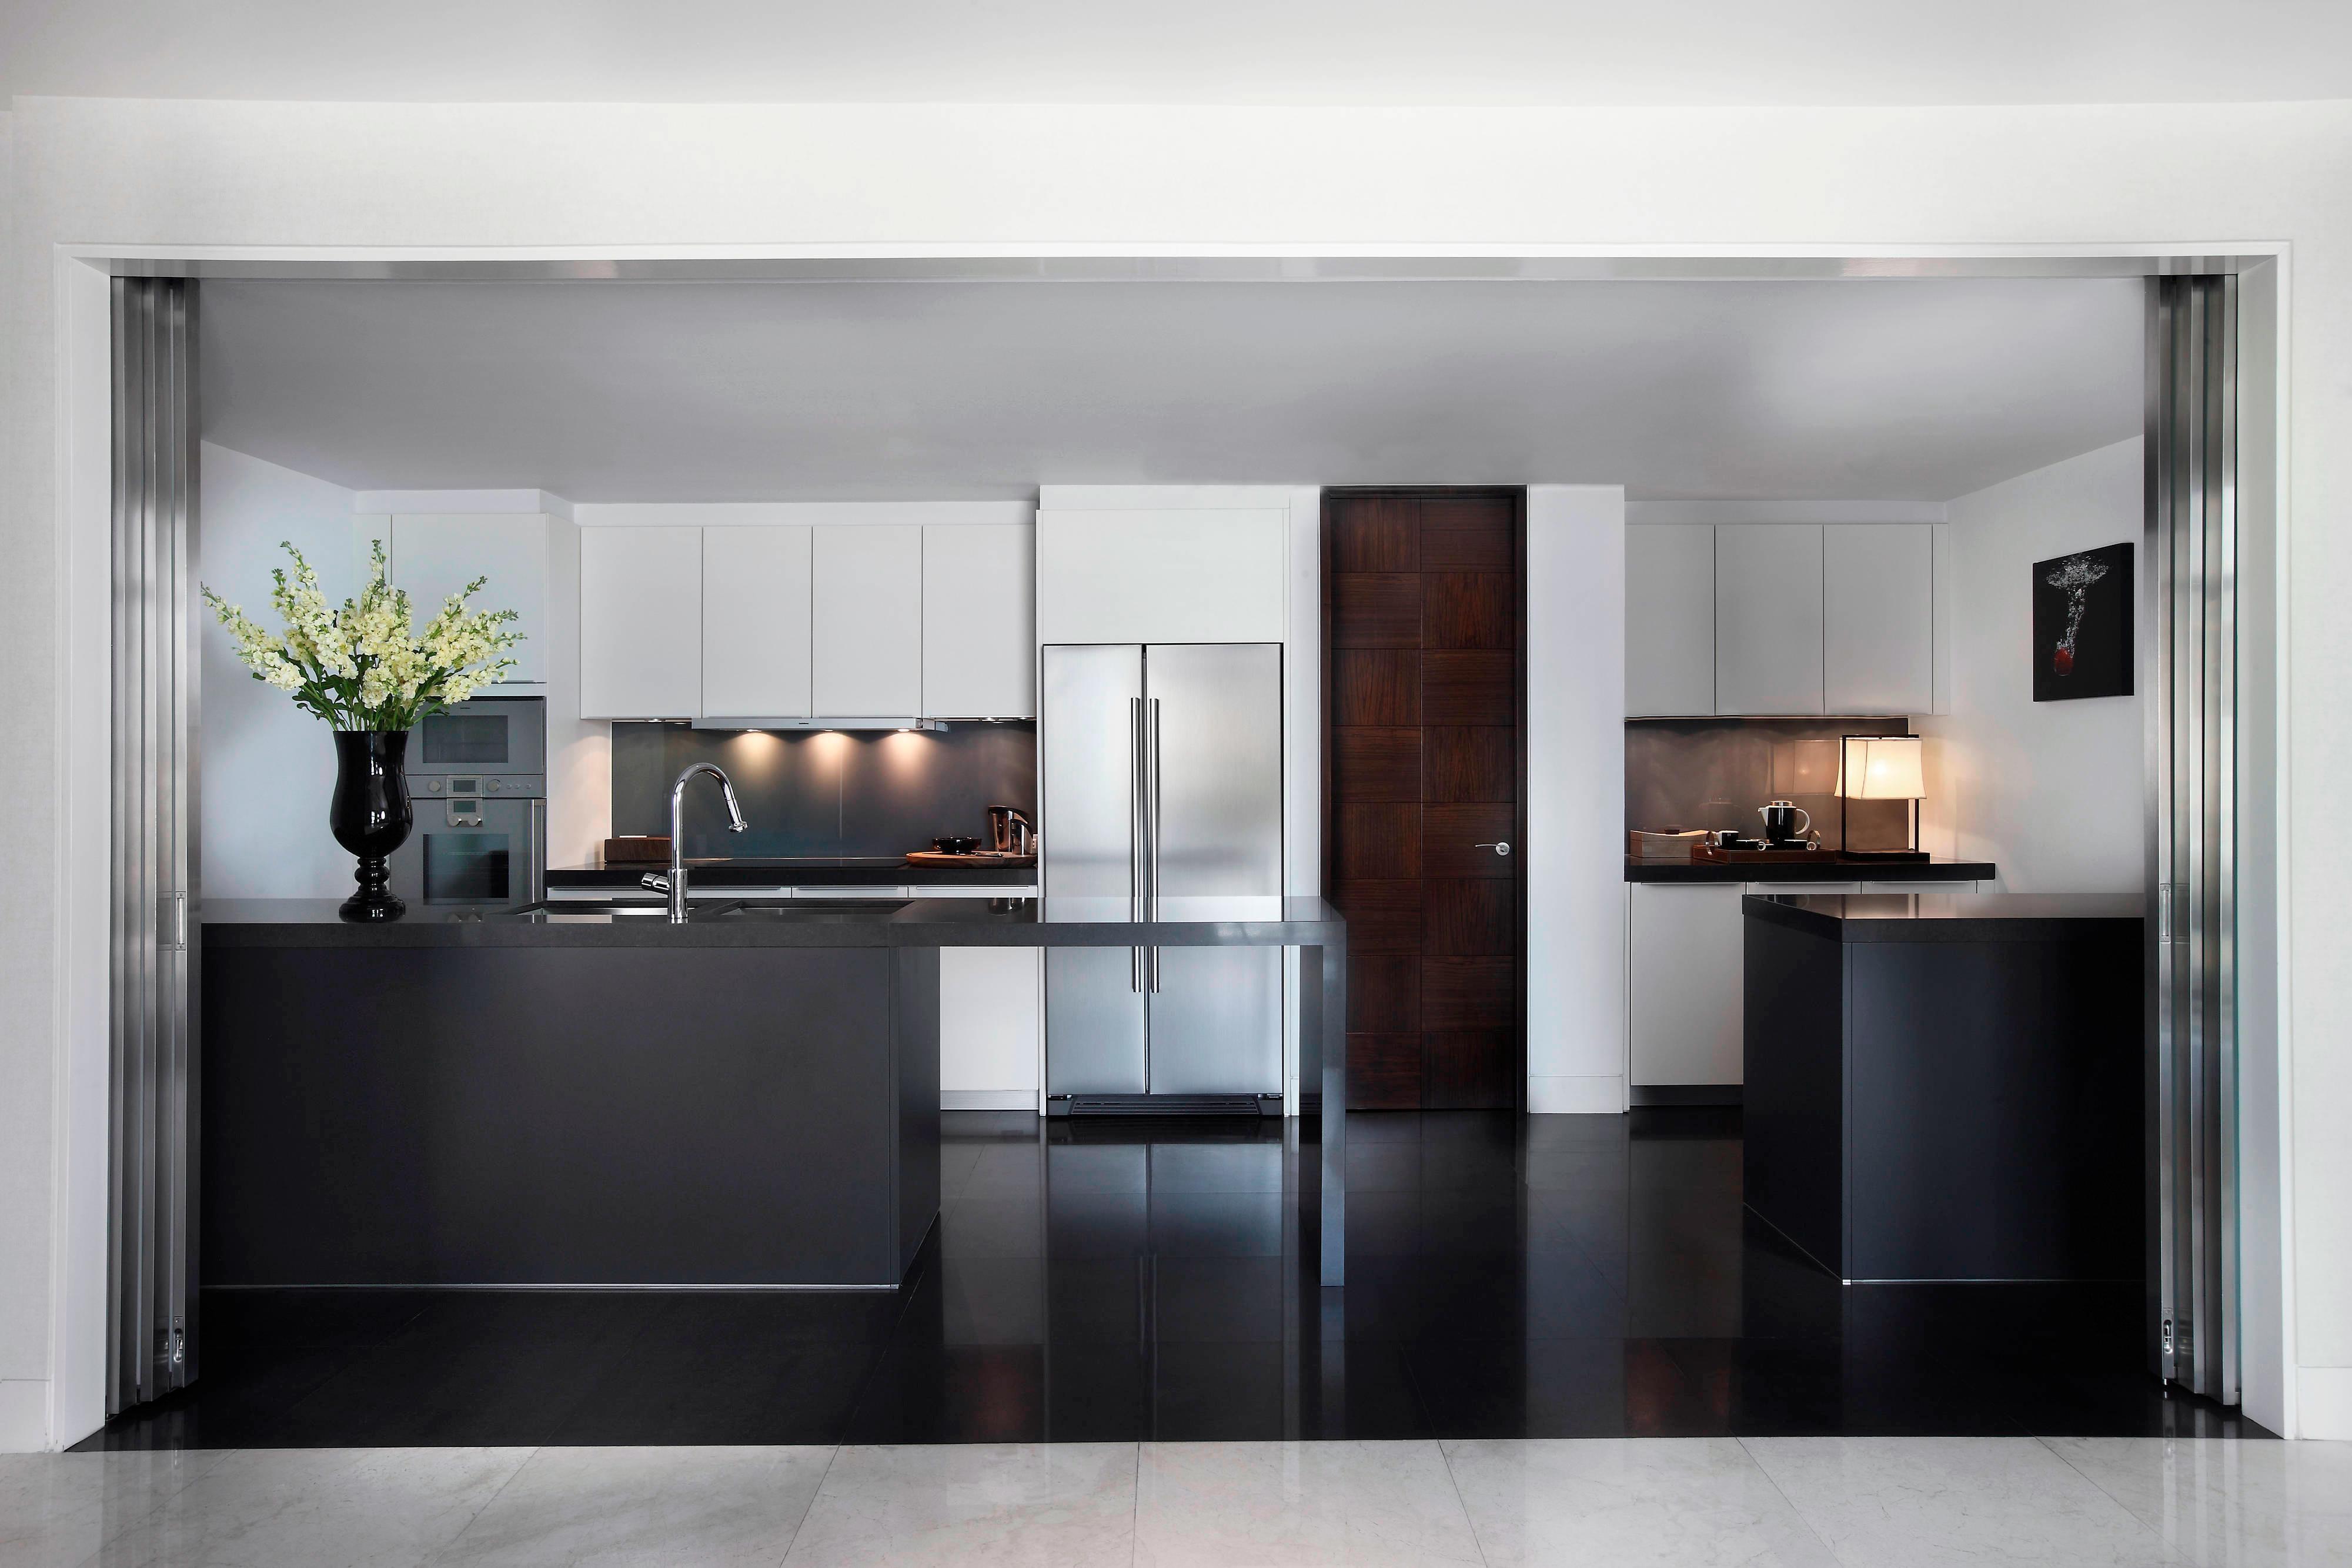 St. Regis Residence - Kitchen